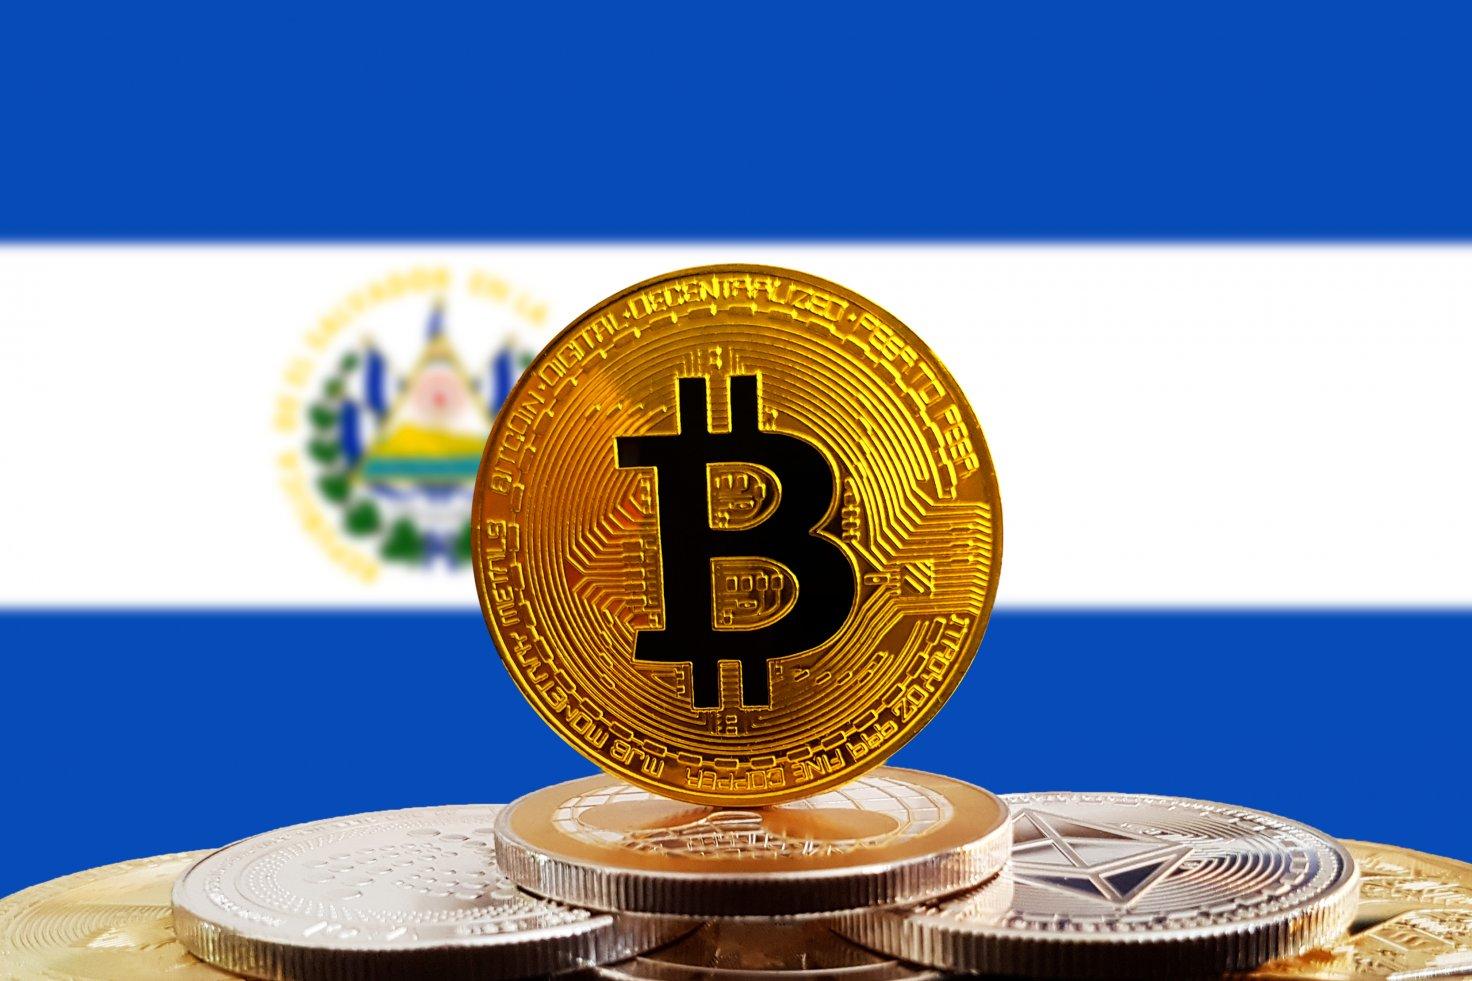 Сальвадор первым в мире легализовал биткоин в качестве платежного средства